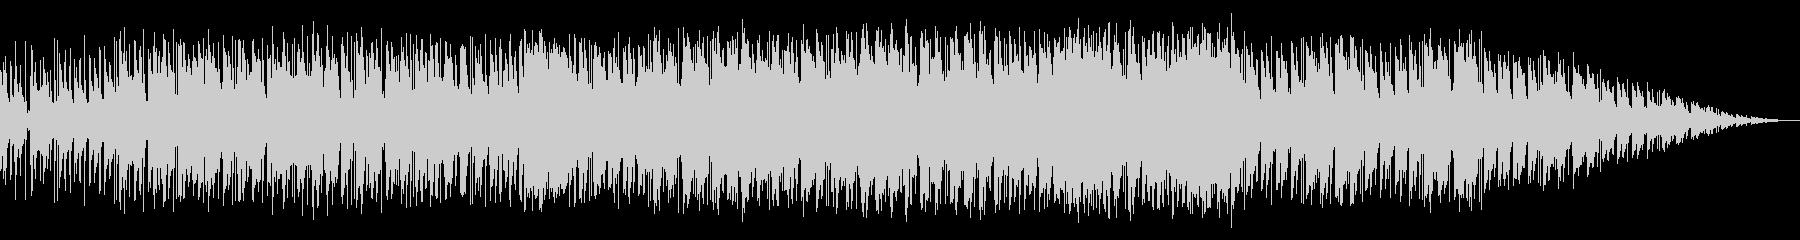 メルヘン映画のサウンドトラックver.2の未再生の波形